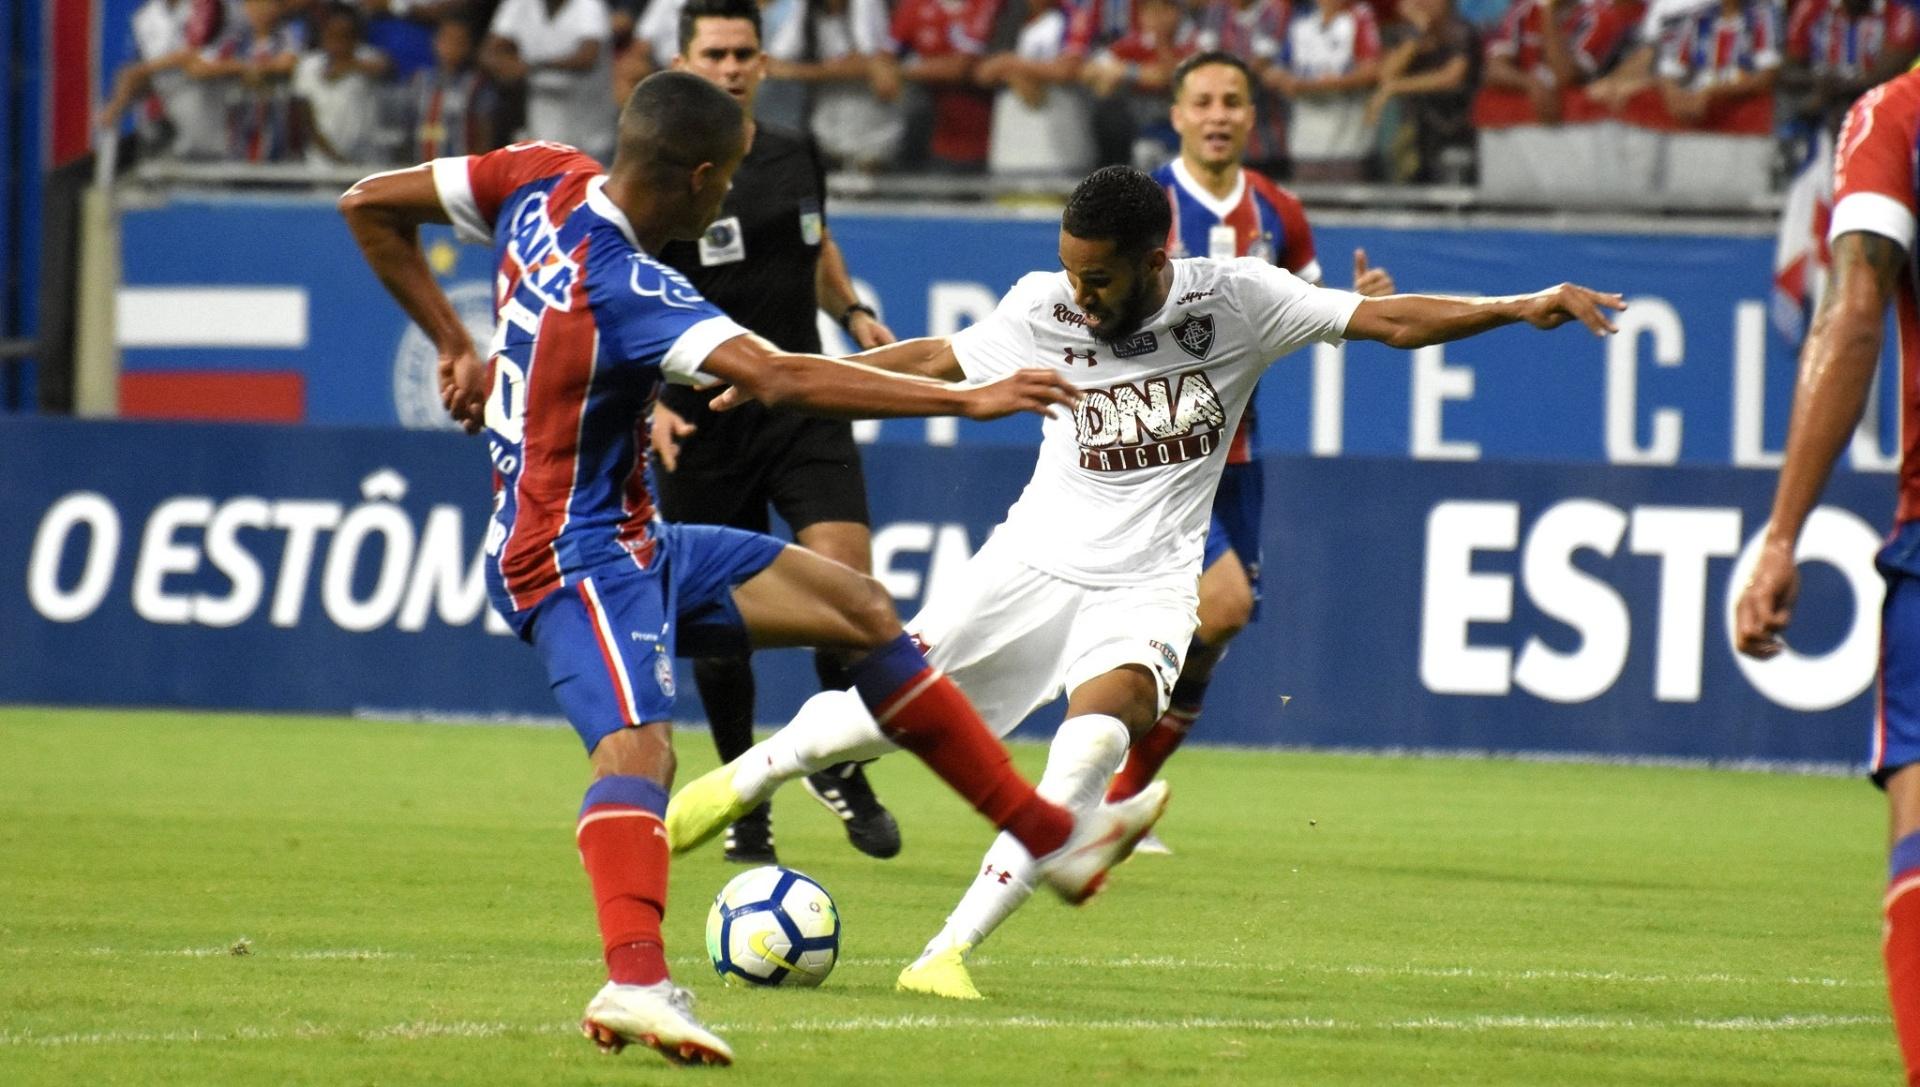 Sexto jogo sem vitória  Flu perde para o Bahia e fica a 4 pontos da degola  - 22 11 2018 - UOL Esporte 32582126318c4